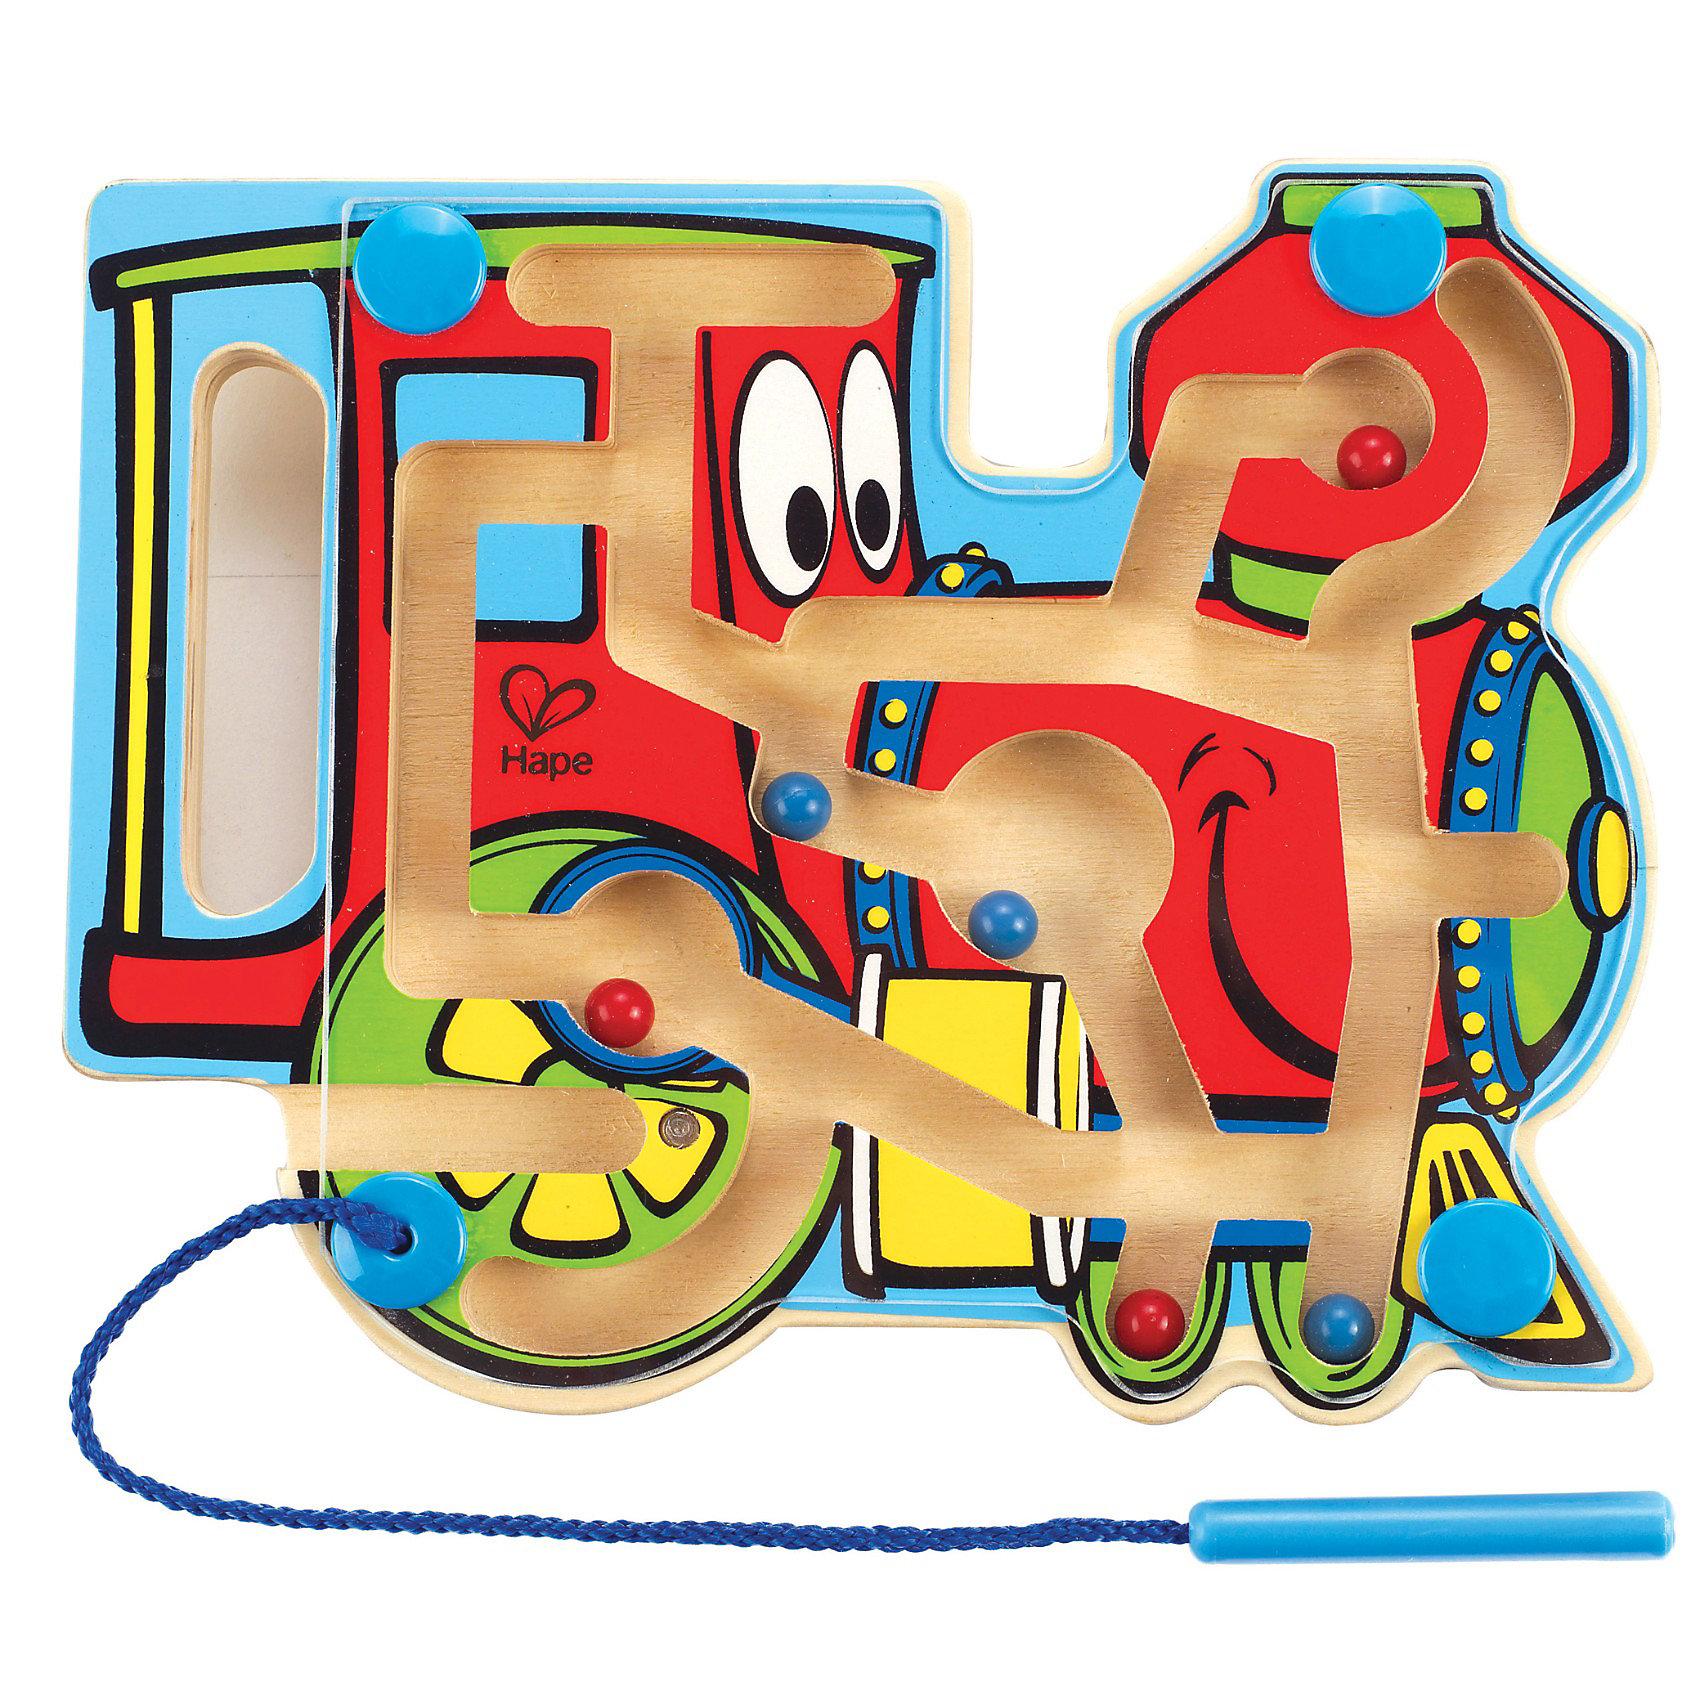 Hape Игрушка деревянная Паровозик-лабиринт, Hape каталки hape игрушка деревянная бабочка